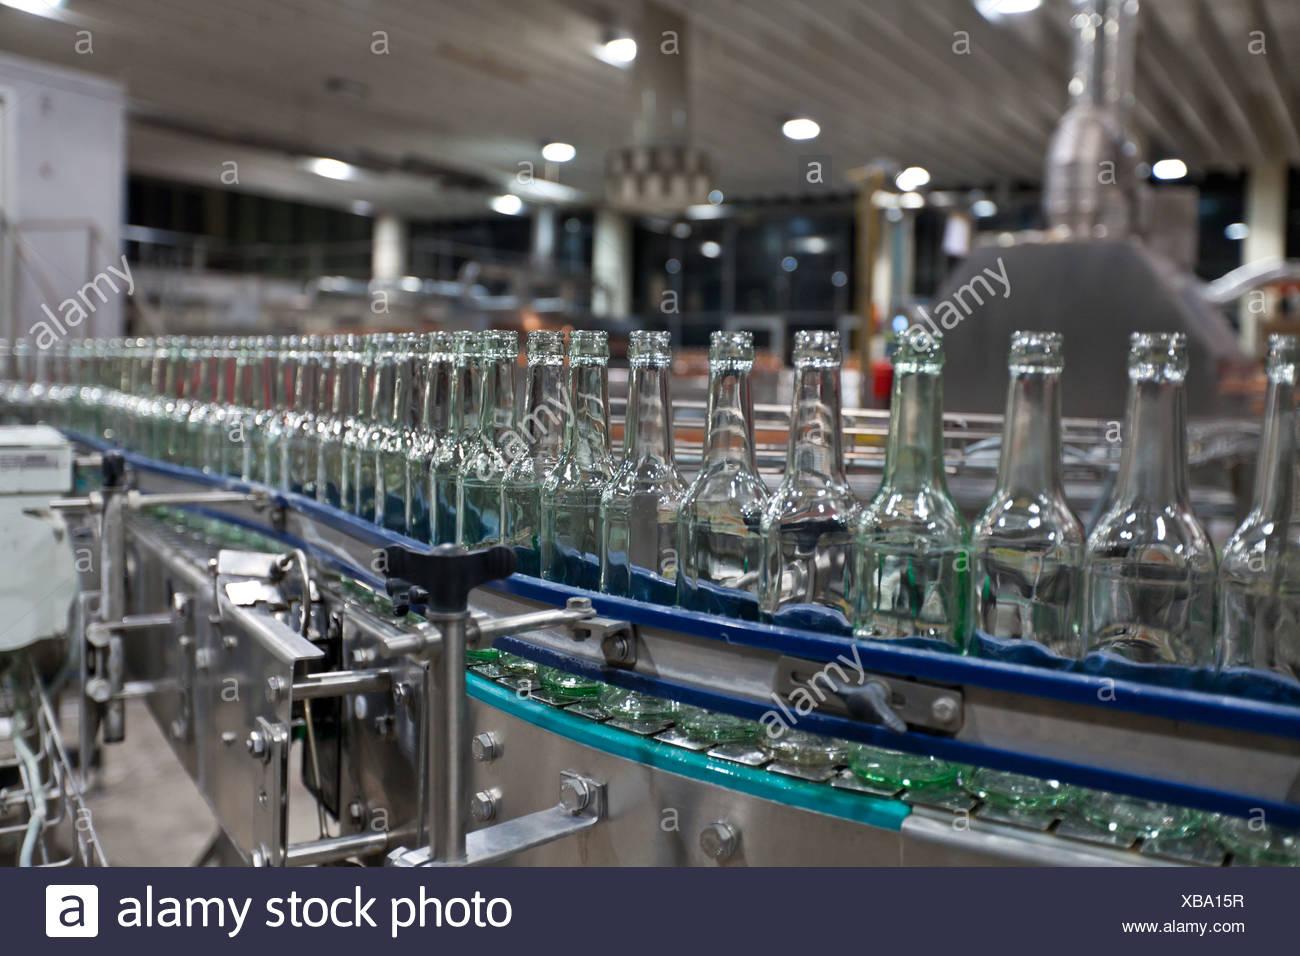 Le bottiglie da birra vuote dopo la pulizia, su di un nastro trasportatore, legame brewery, Francoforte Hesse, Germania, Europa Immagini Stock